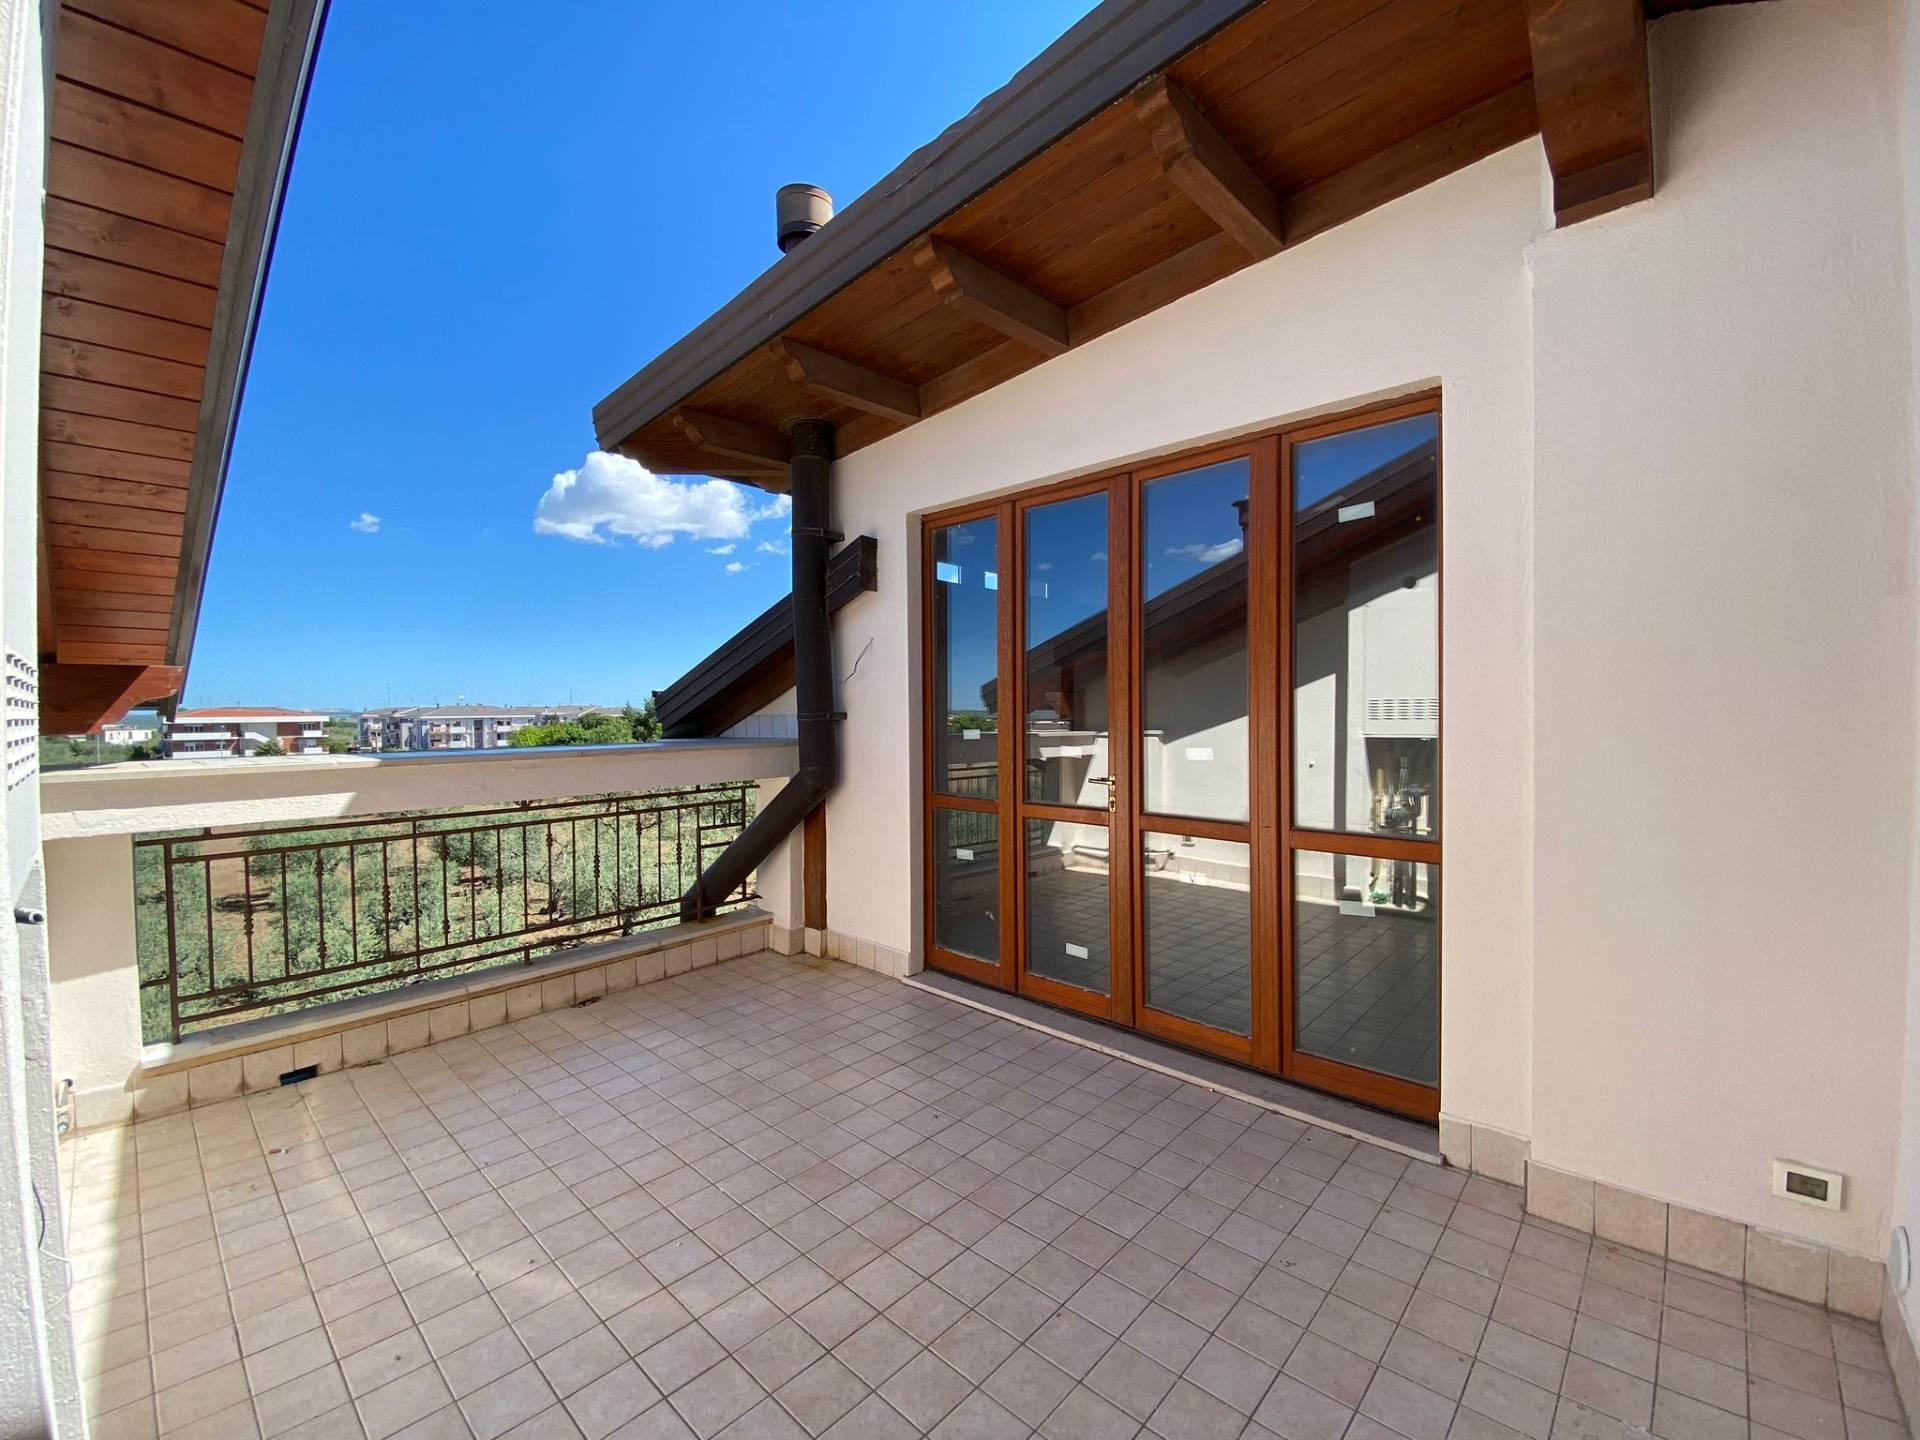 Appartamento in vendita a San Severo, 3 locali, prezzo € 100.000   PortaleAgenzieImmobiliari.it